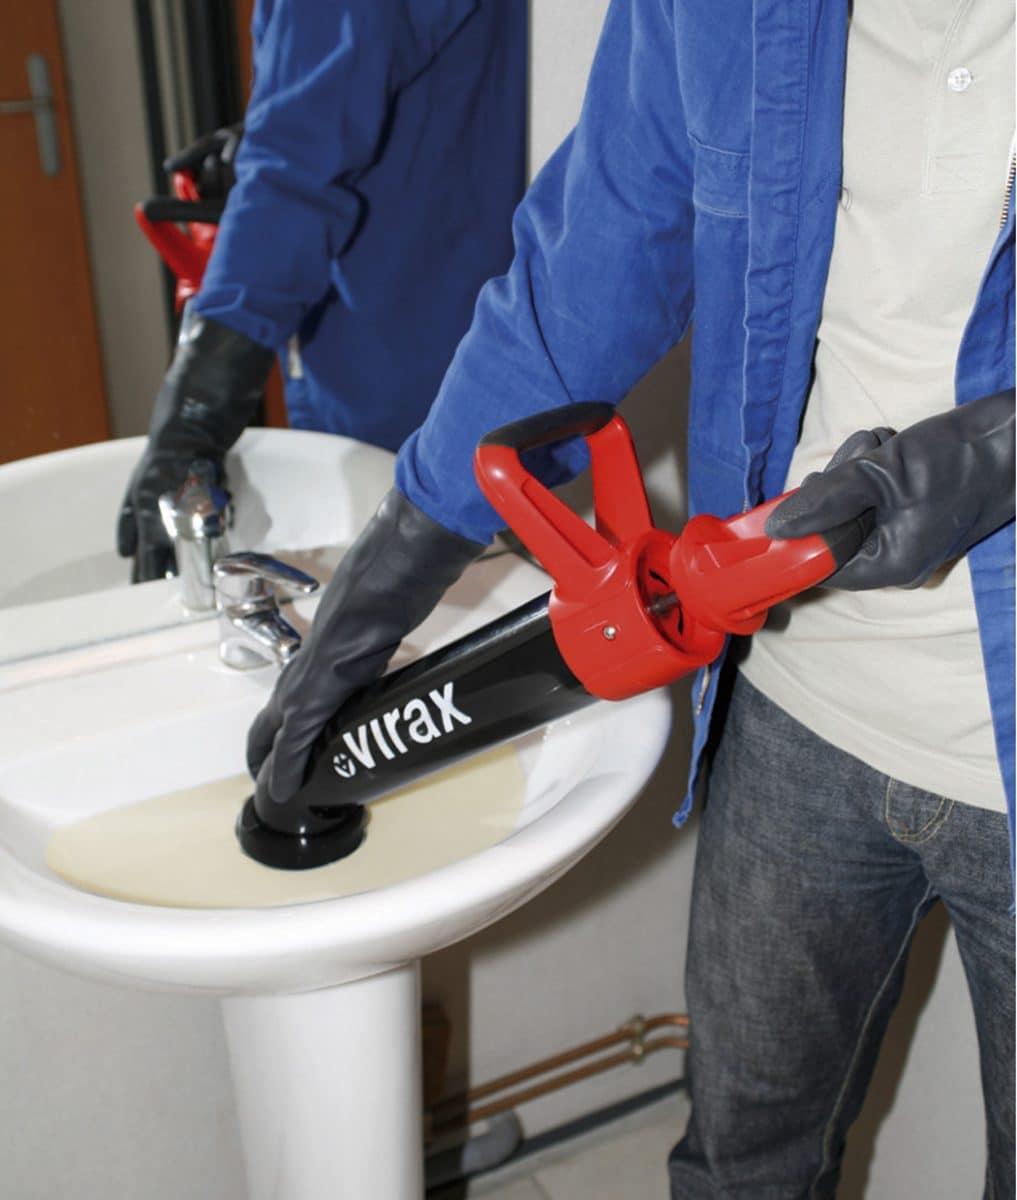 deboucheur debouchage canalisation depannage curage vidange 75 150x150 - inspection canalisation par caméra Jette prix transparents